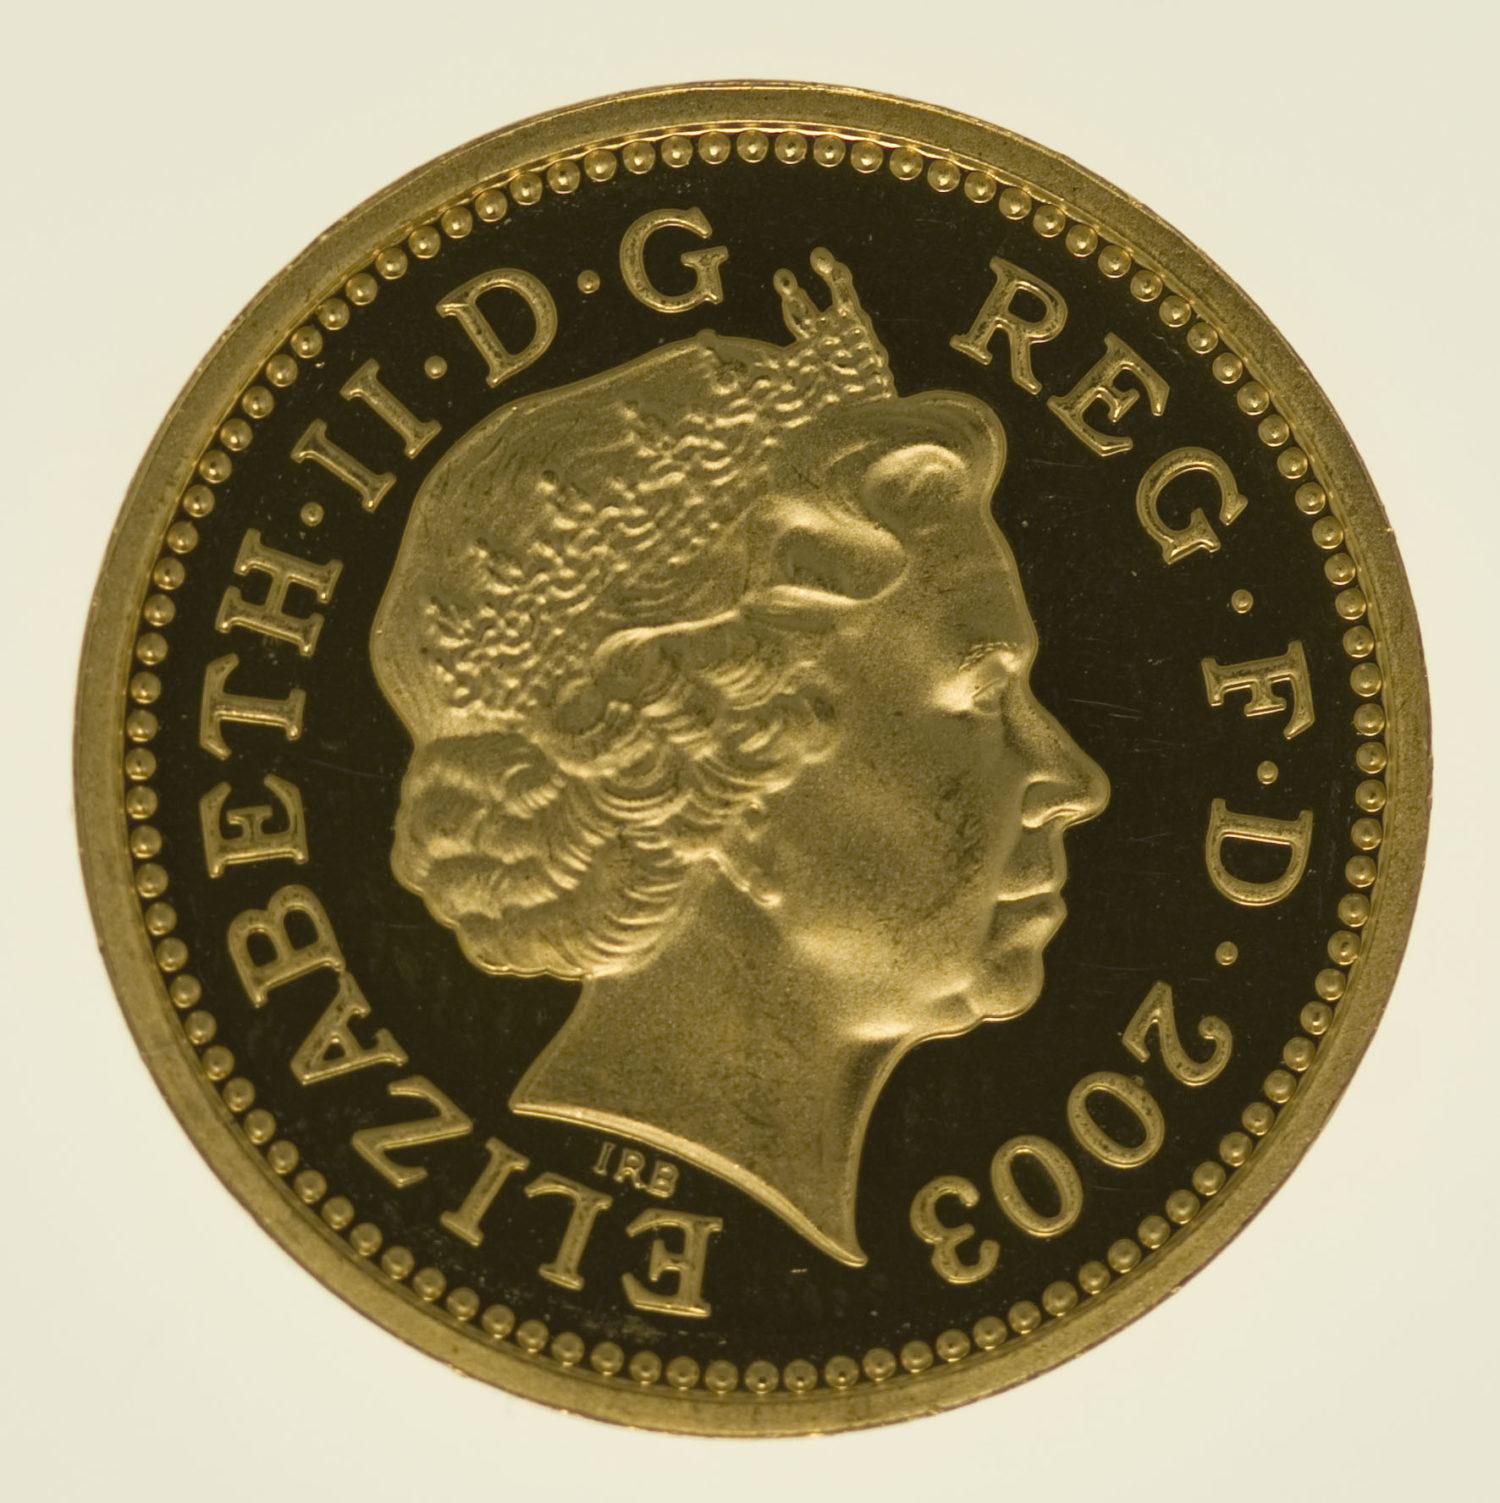 grossbritannien - Großbritannien Elisabeth II. One Pound 2003 Pattern